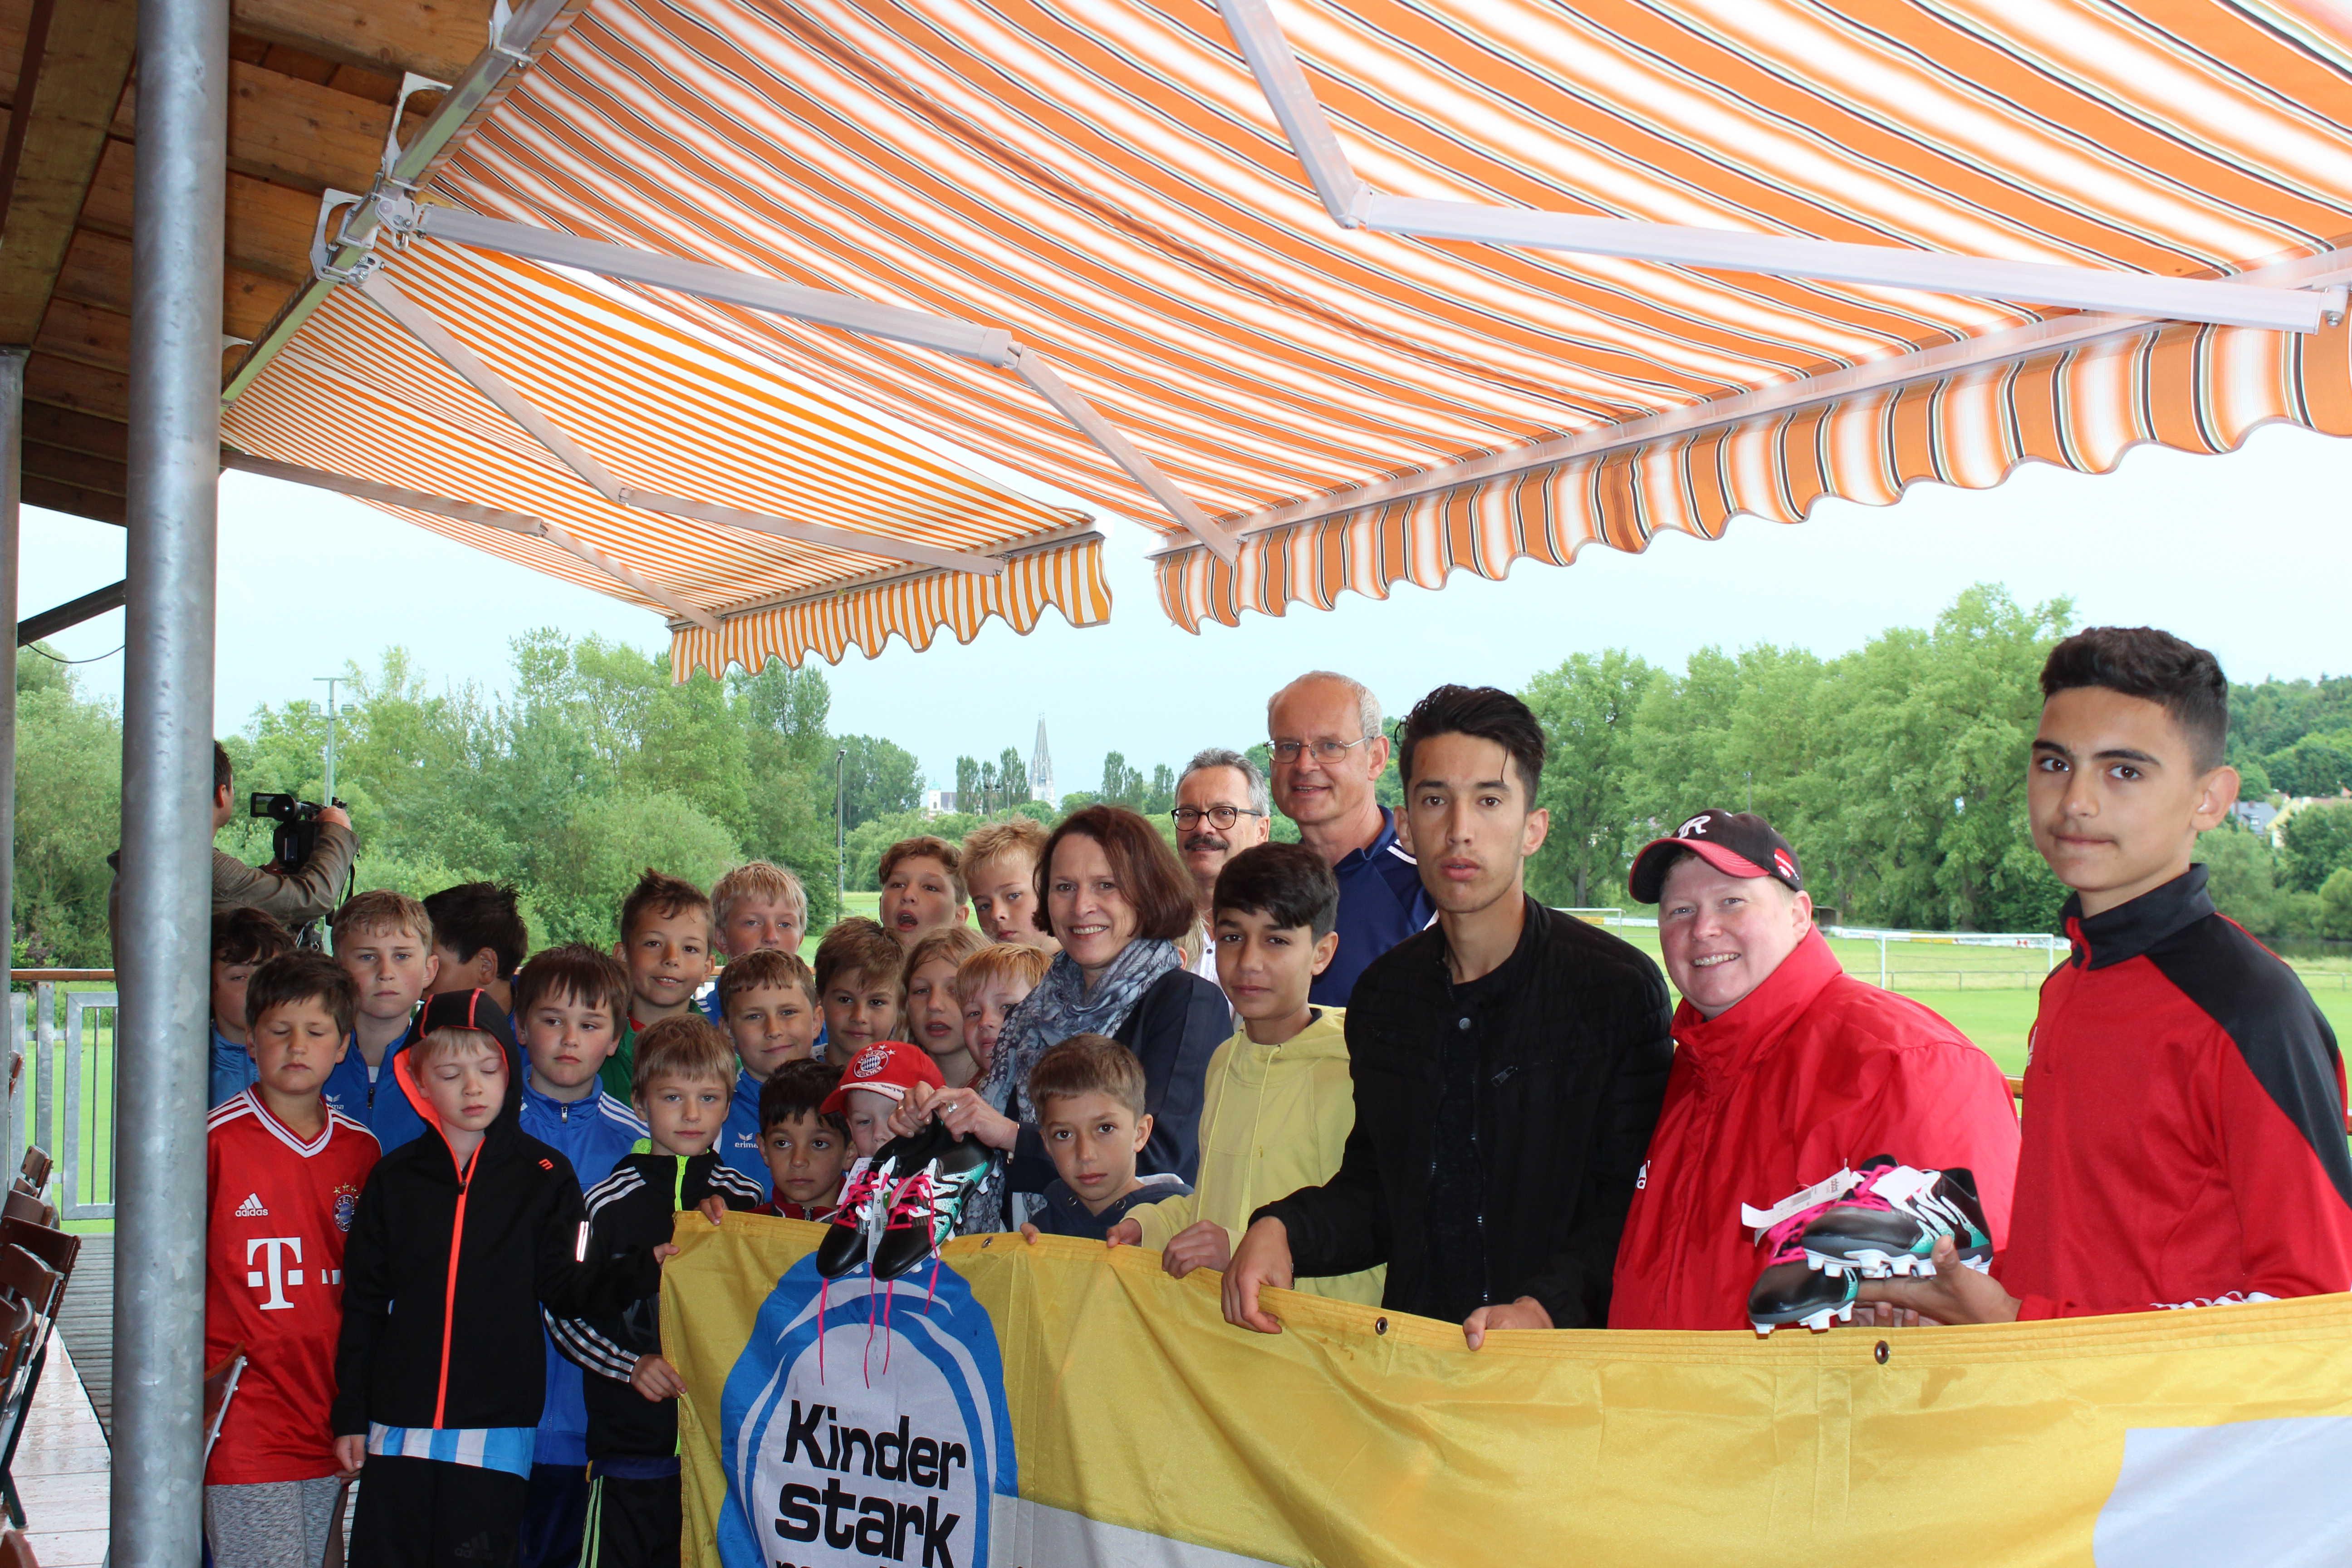 Regensburg hilft Flüchtlingskinder: Neue Fußballschuhe zum Spielen